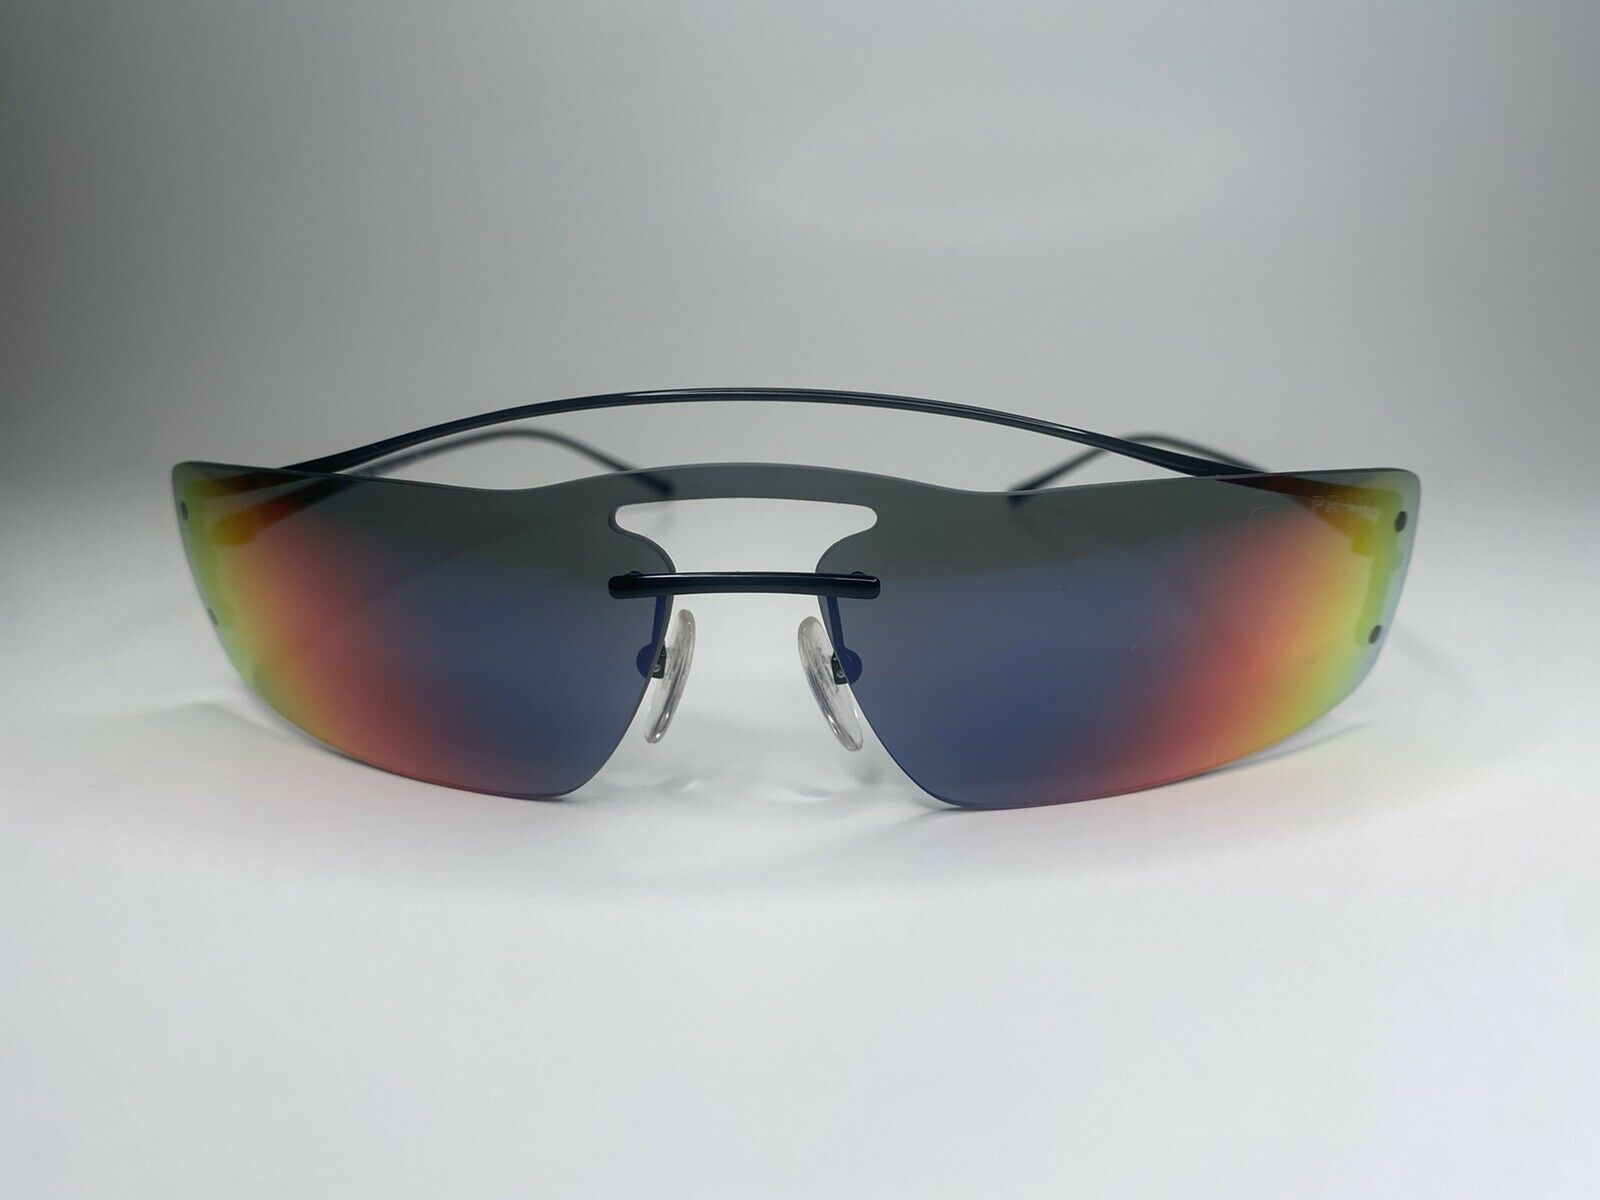 Prada Sunglasses Runway Rainbow 90's - image 2